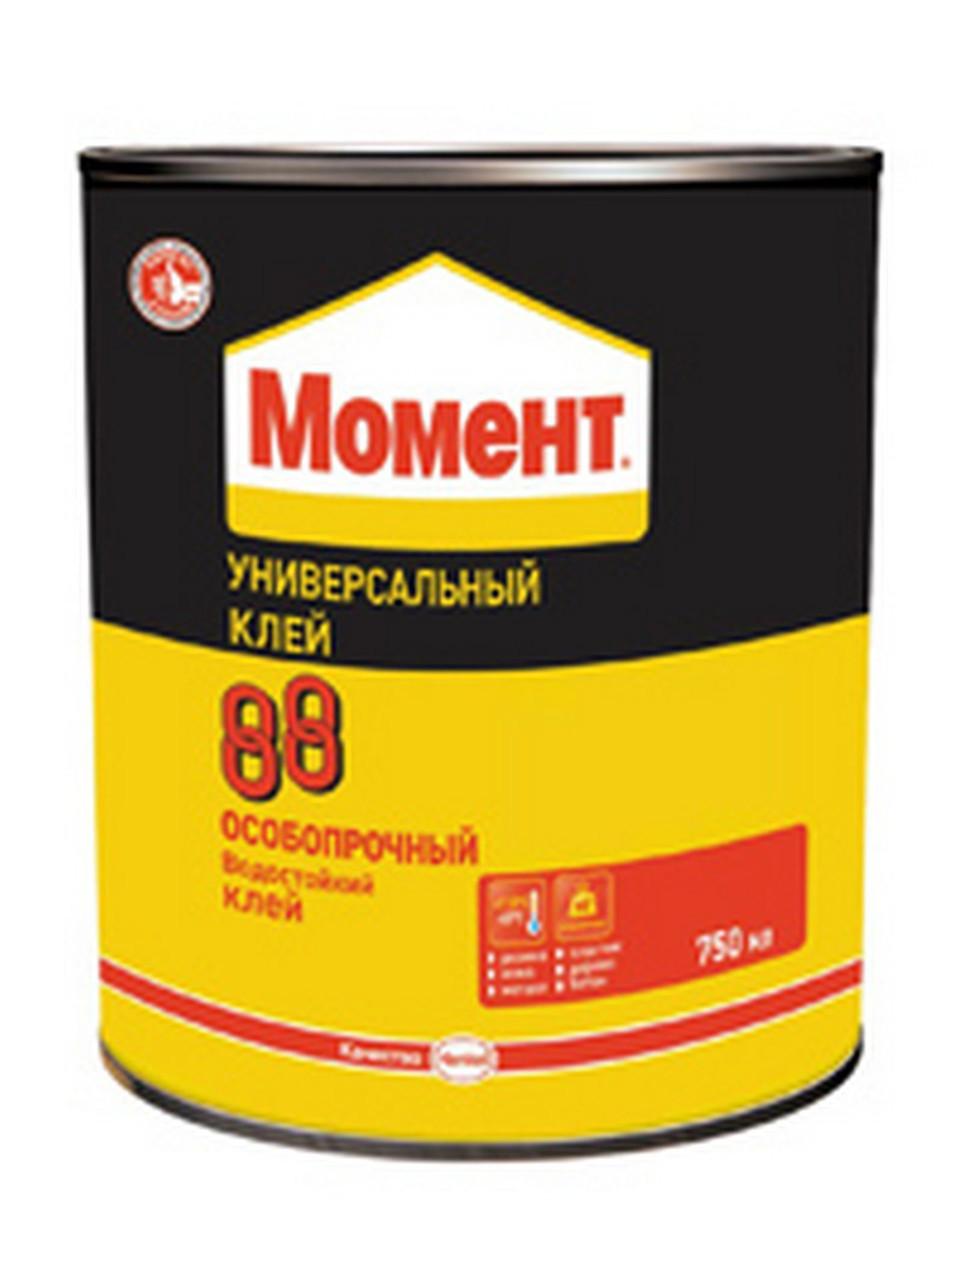 Клей Момент особопрочный 750 мл. ш/б Henkel